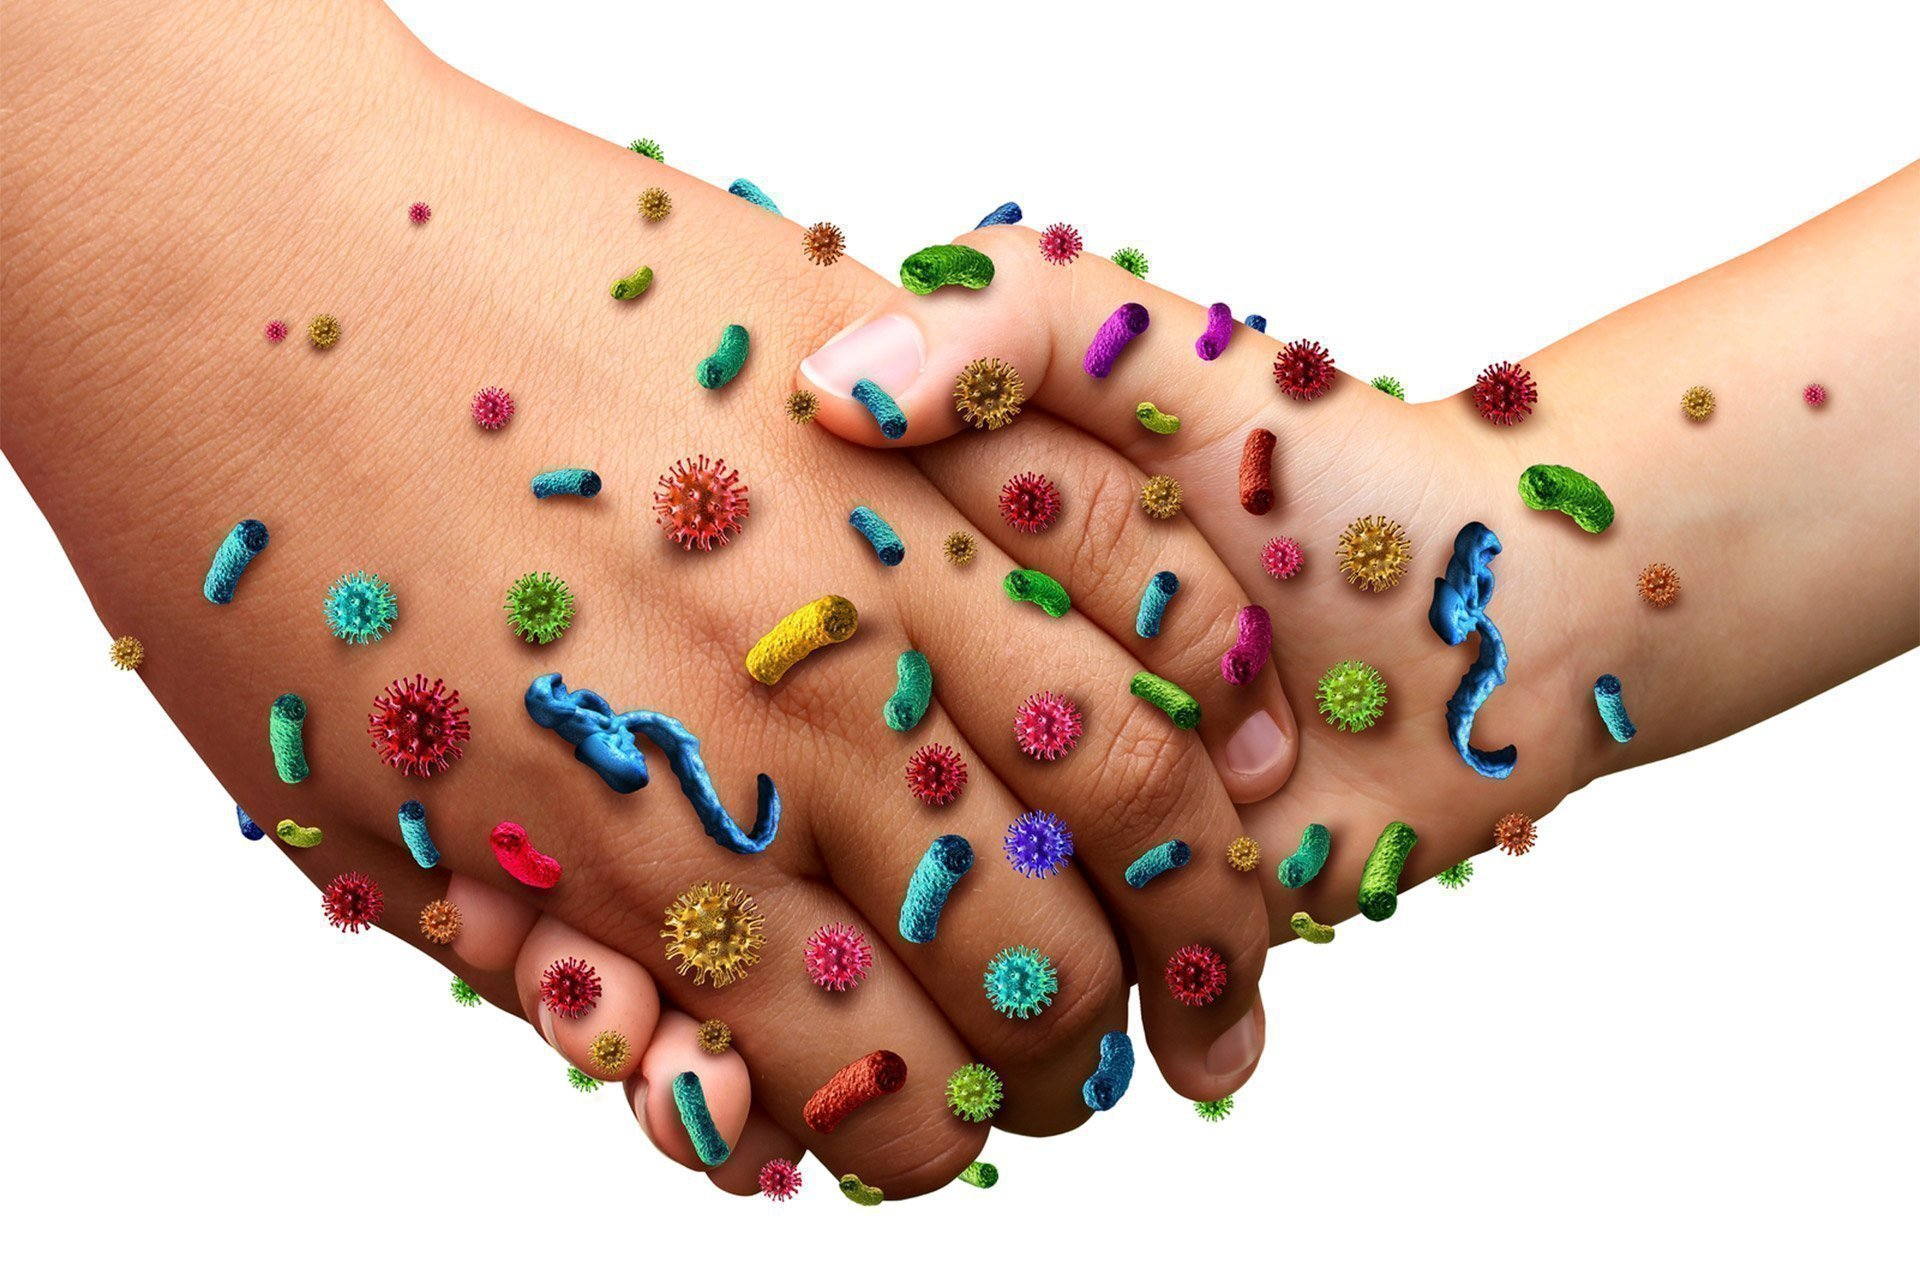 Передается ли лишай от человека к человеку, как можно заразиться